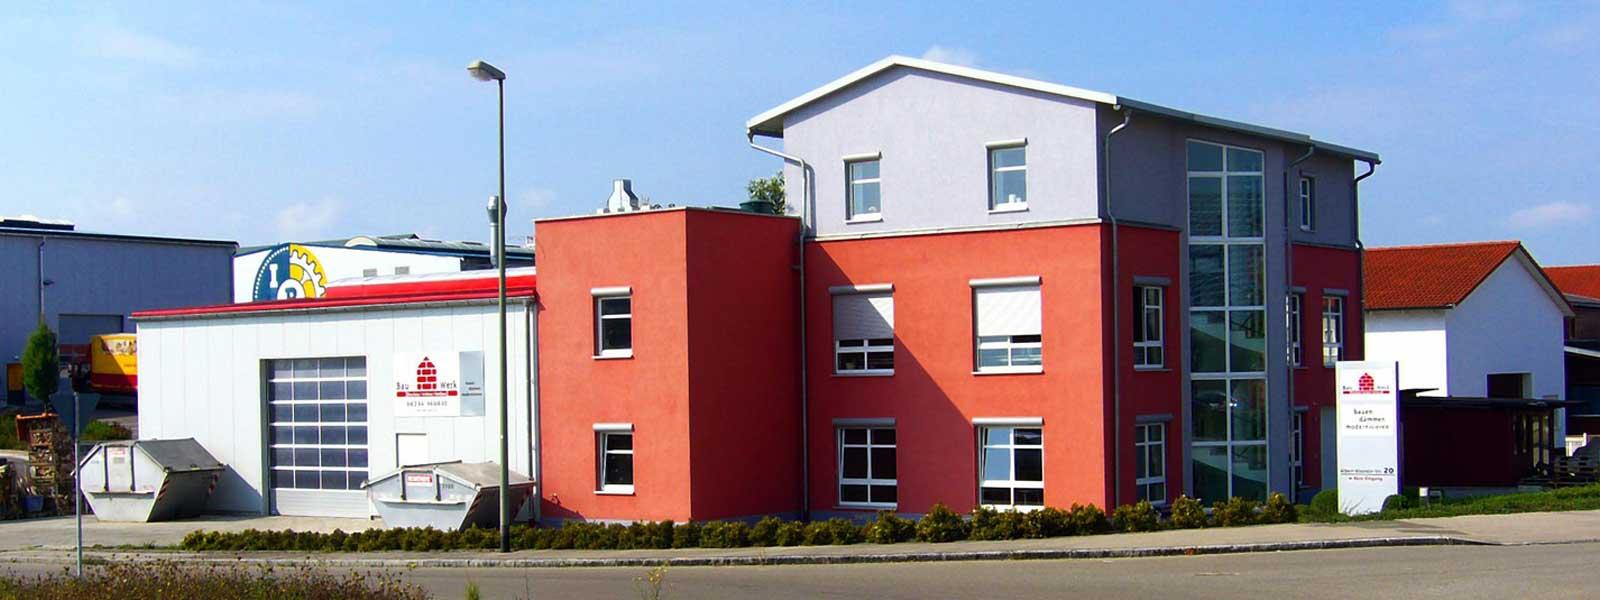 Bauwerk Bobingen, Bauen